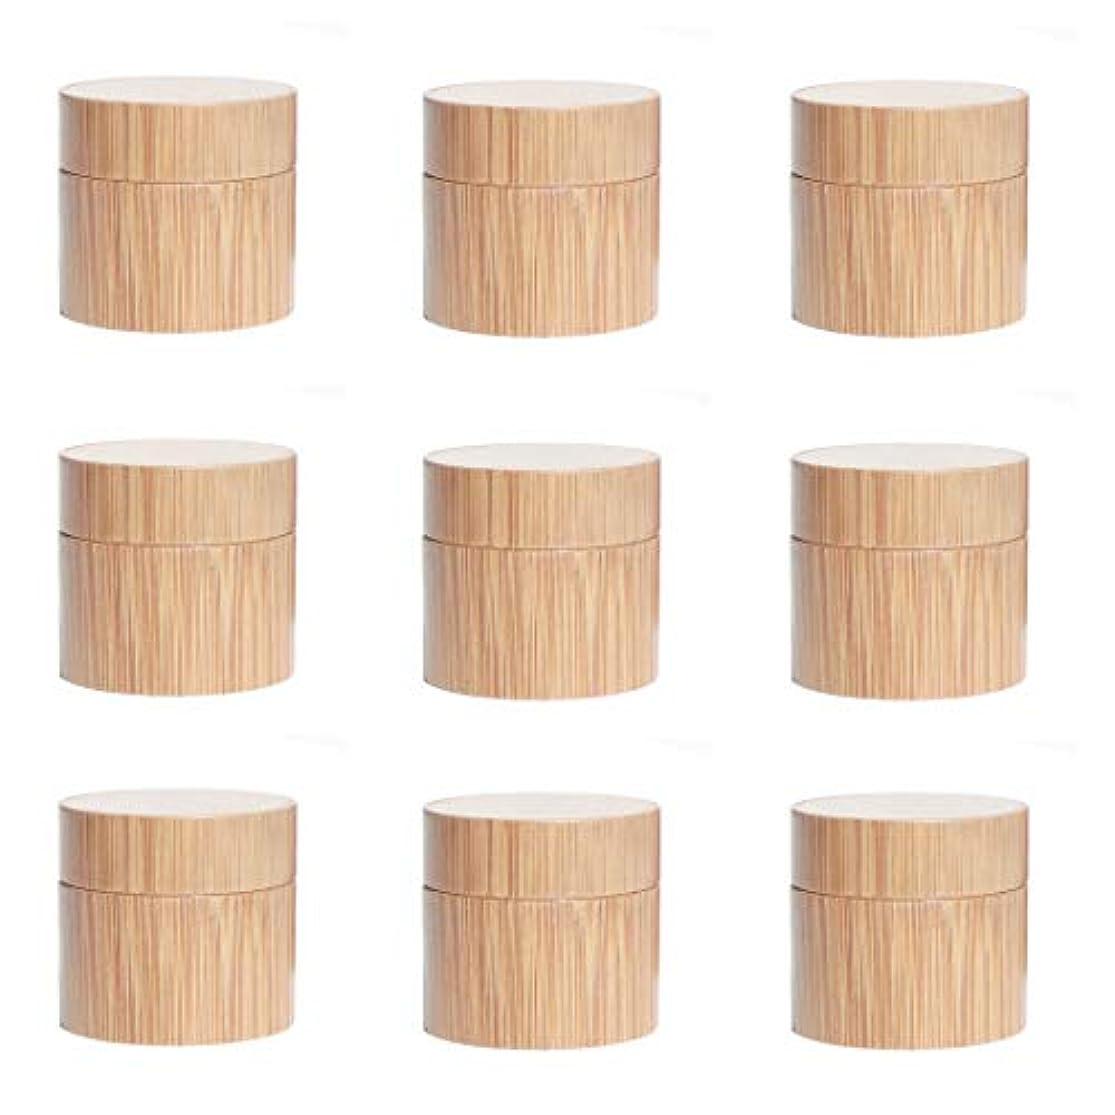 単に感覚フラップYiteng スポイト遮光瓶 アロマオイル 精油 香水やアロマの保存 遮光瓶 小分け用 保存 詰替え 竹製 9本セット (10g)